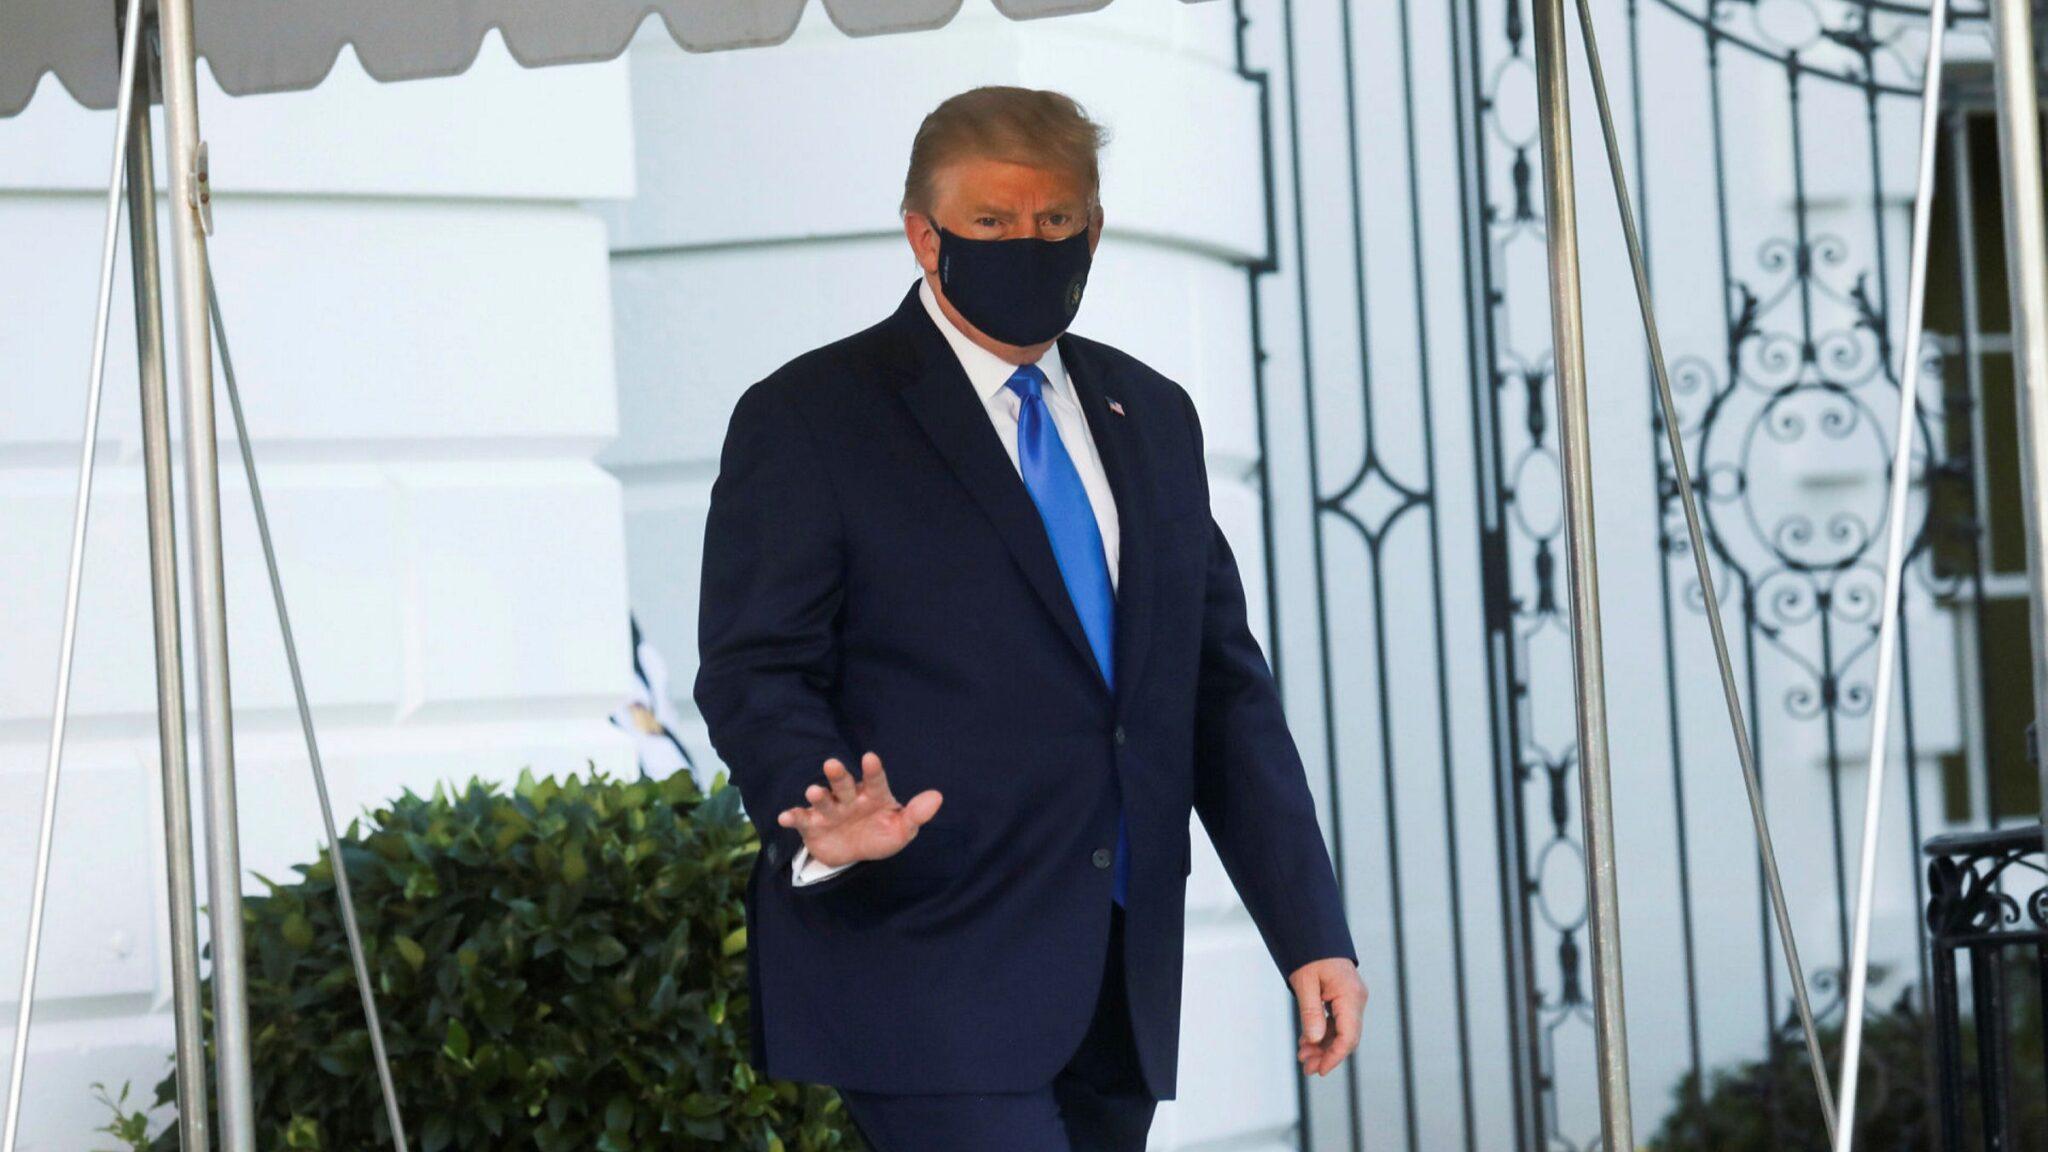 البيت الأبيض يؤكد استمرار تحسن الوضع الصحي لترامب